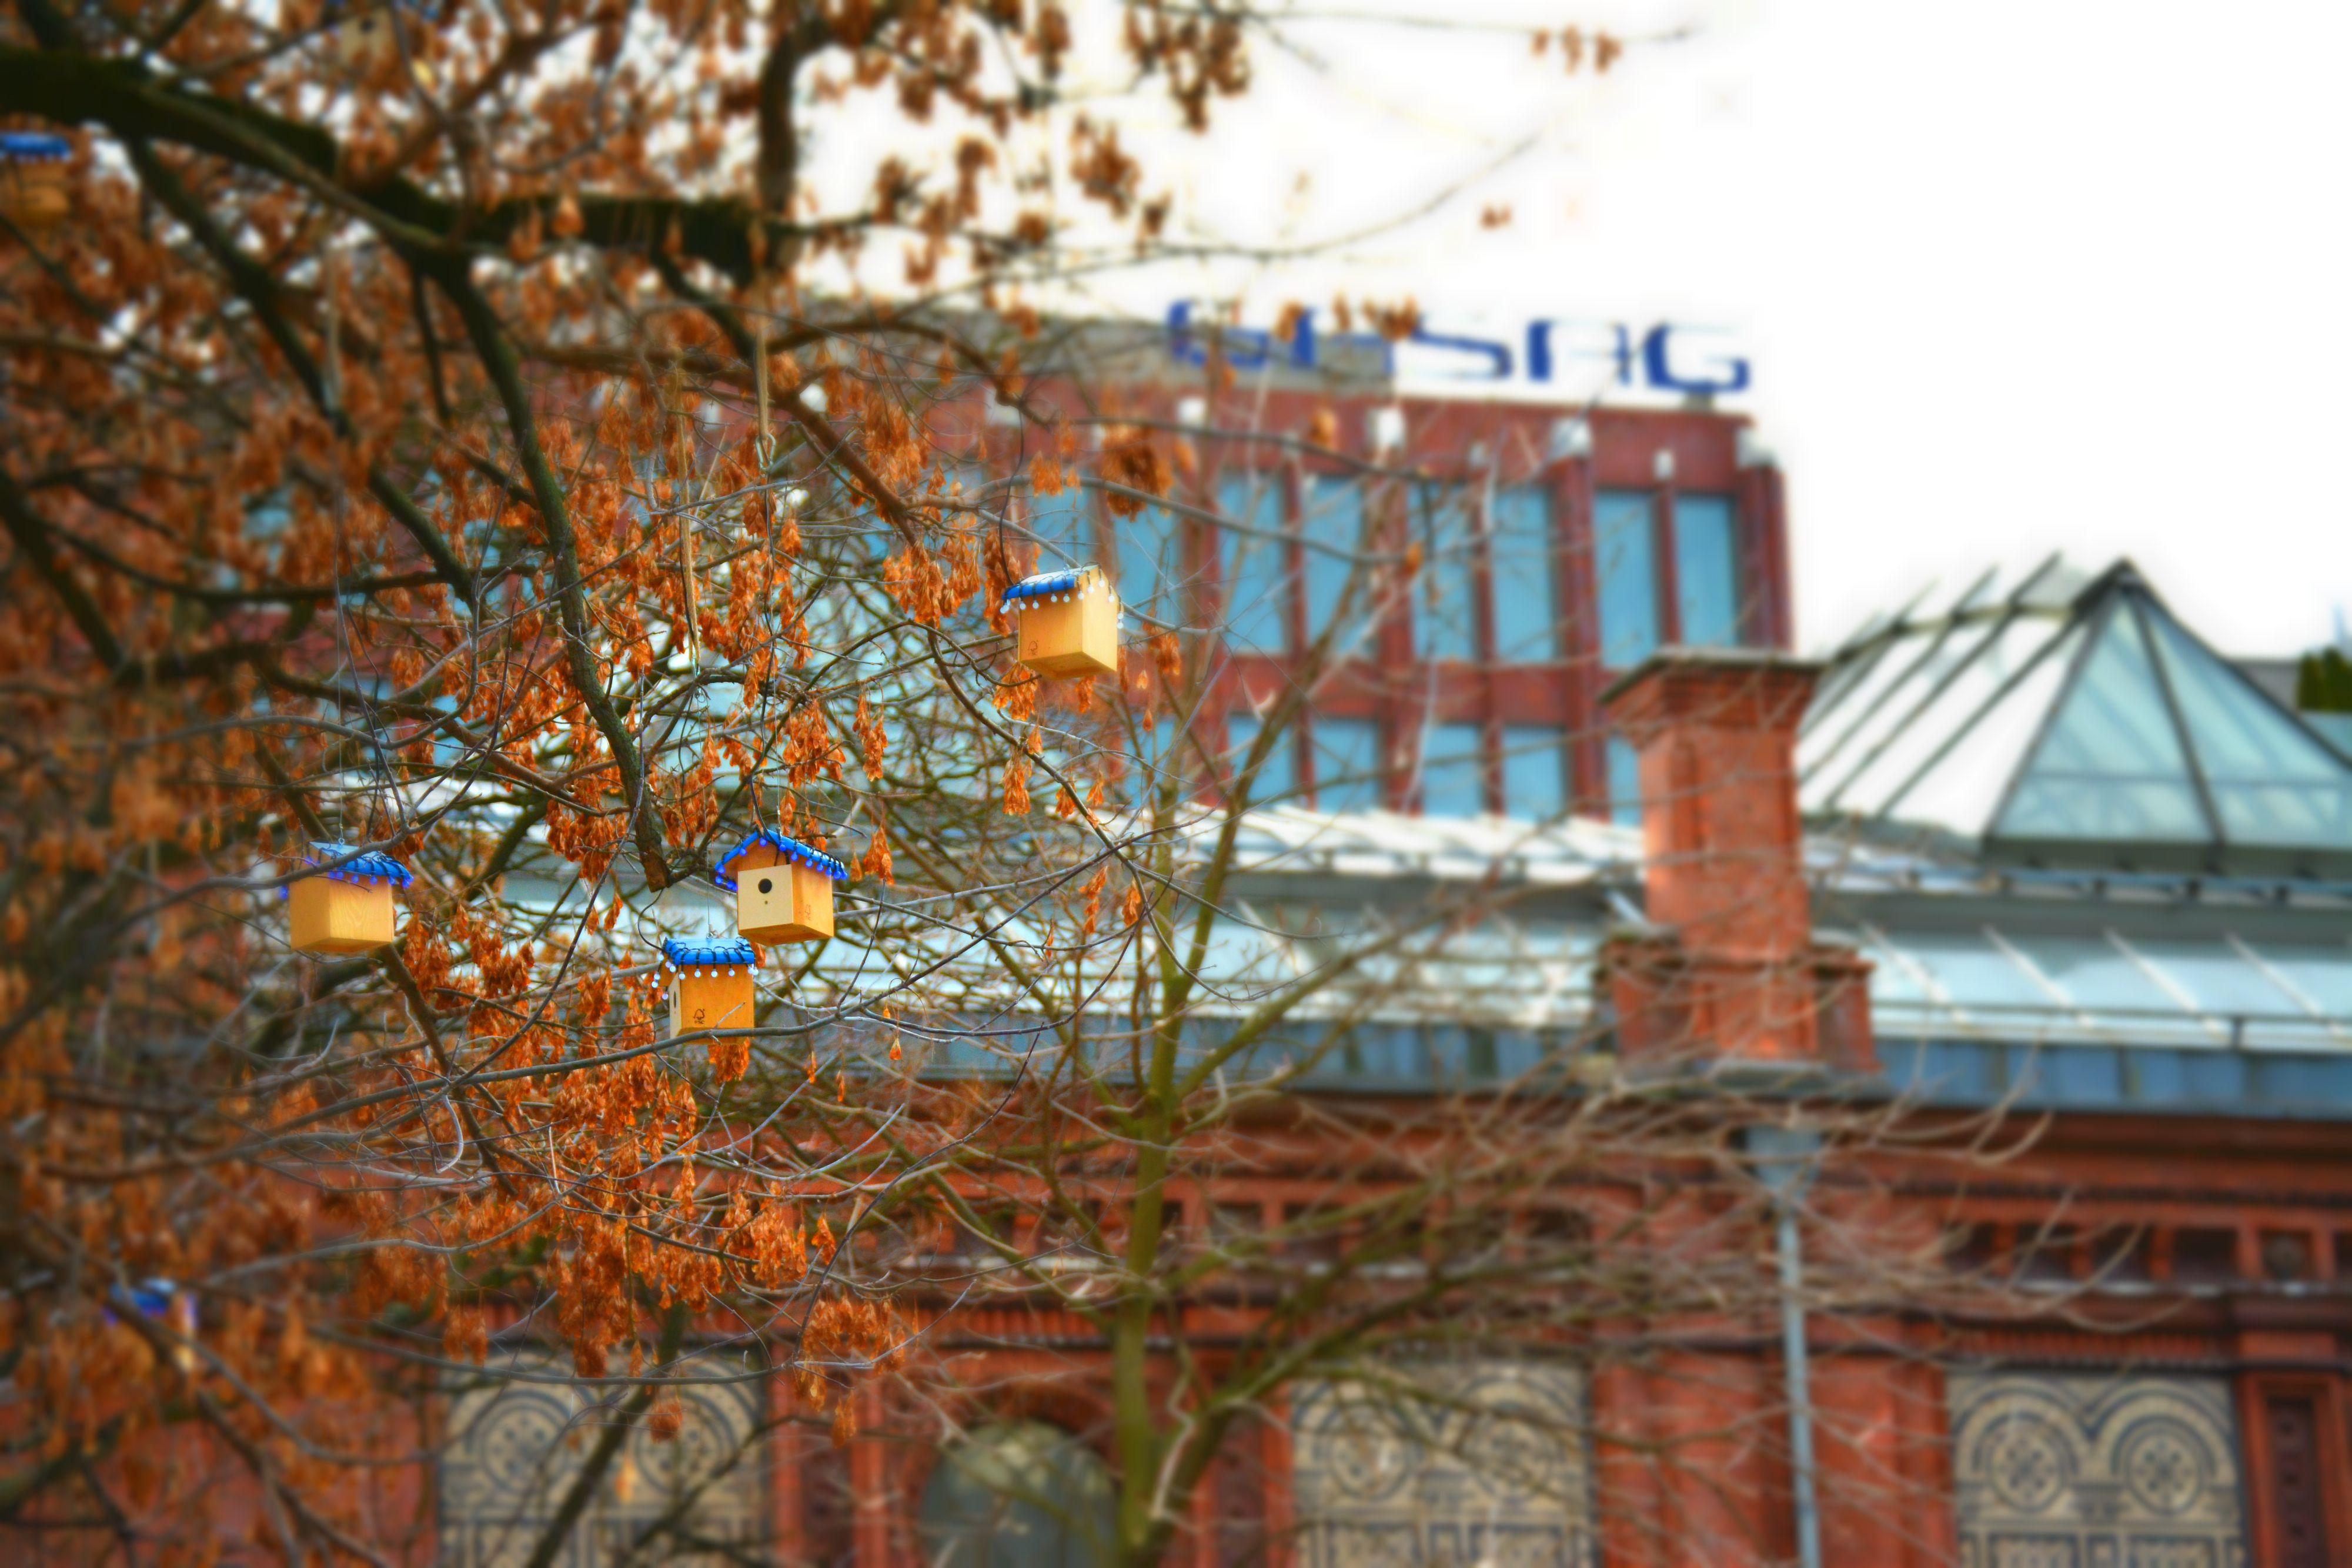 The birdhouse tree in Berlin, Germany